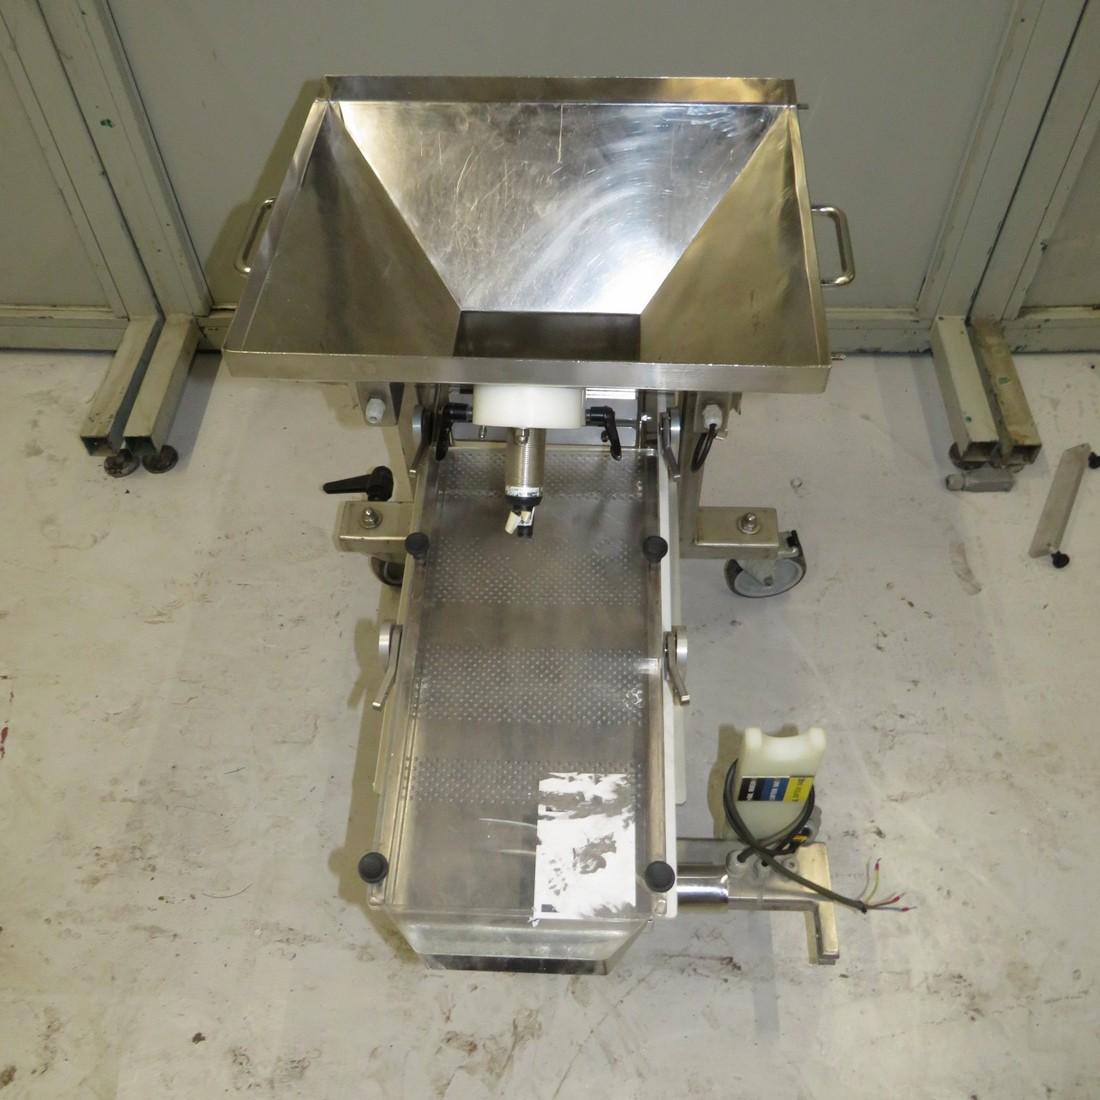 R4U80 Stainless steel AVITEQ vibrating corridor KF 6-2/BE type